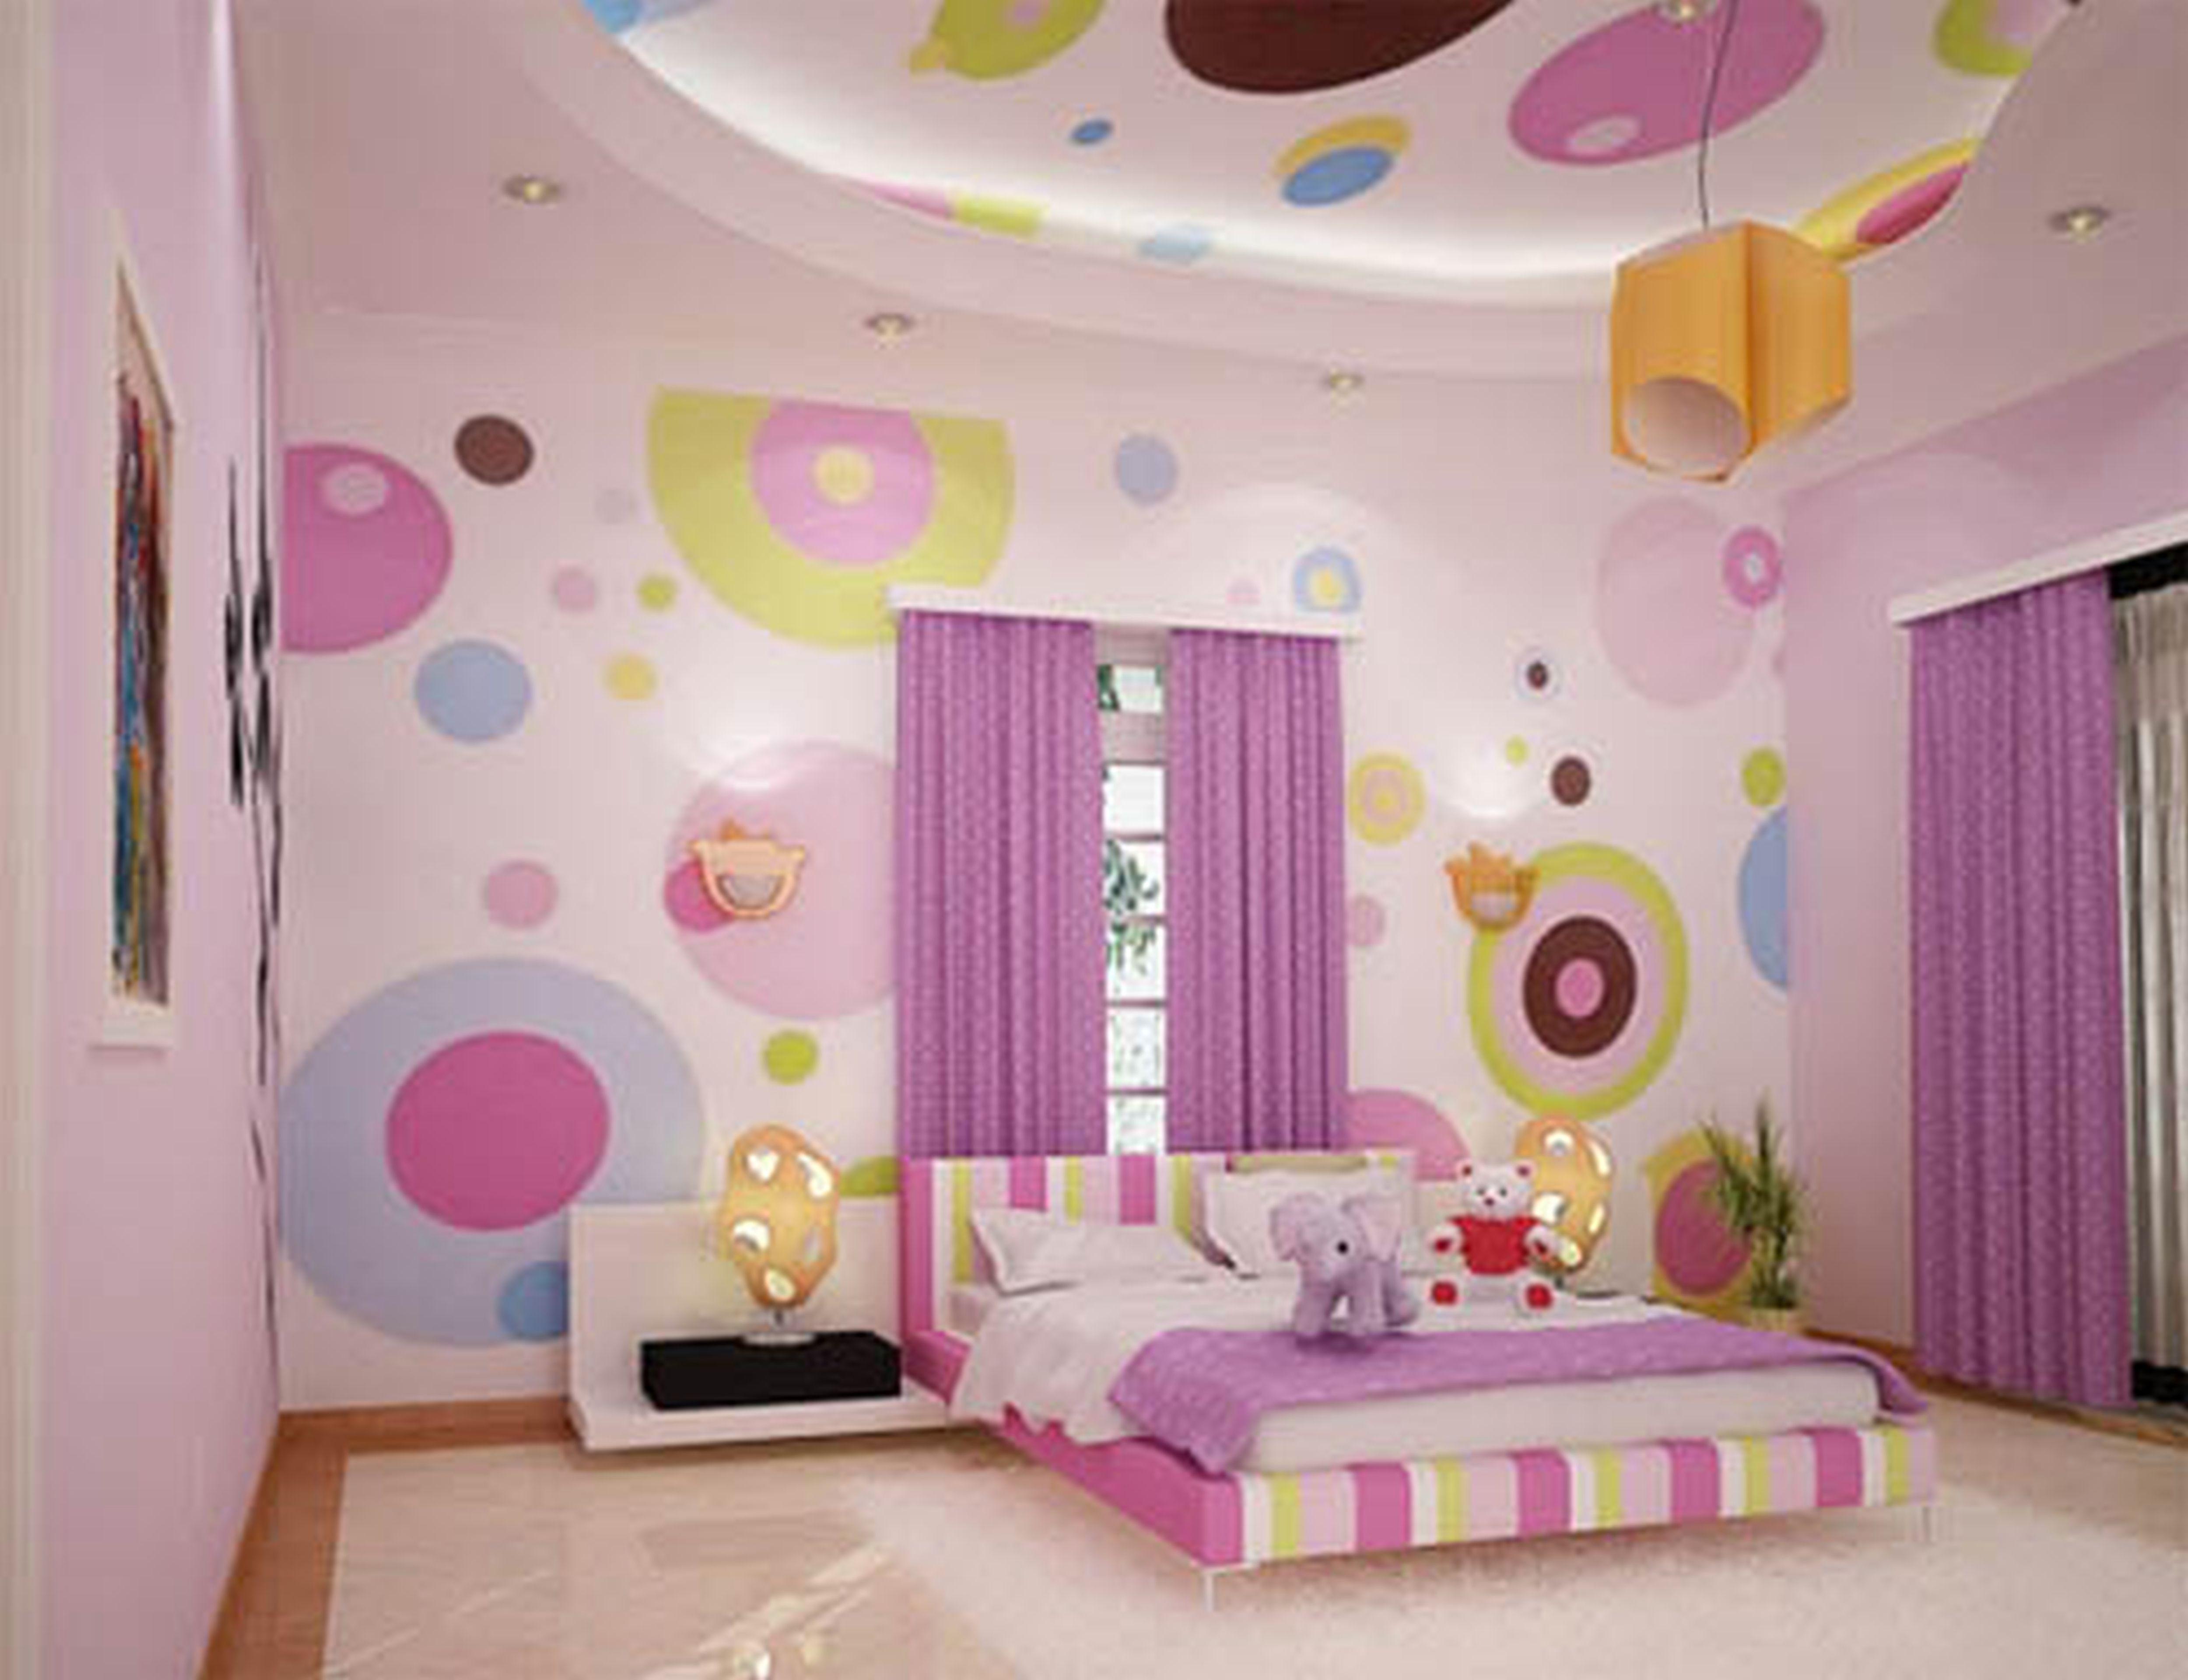 Дизайн для детской комнаты для девочек дизайн 12 кв.м